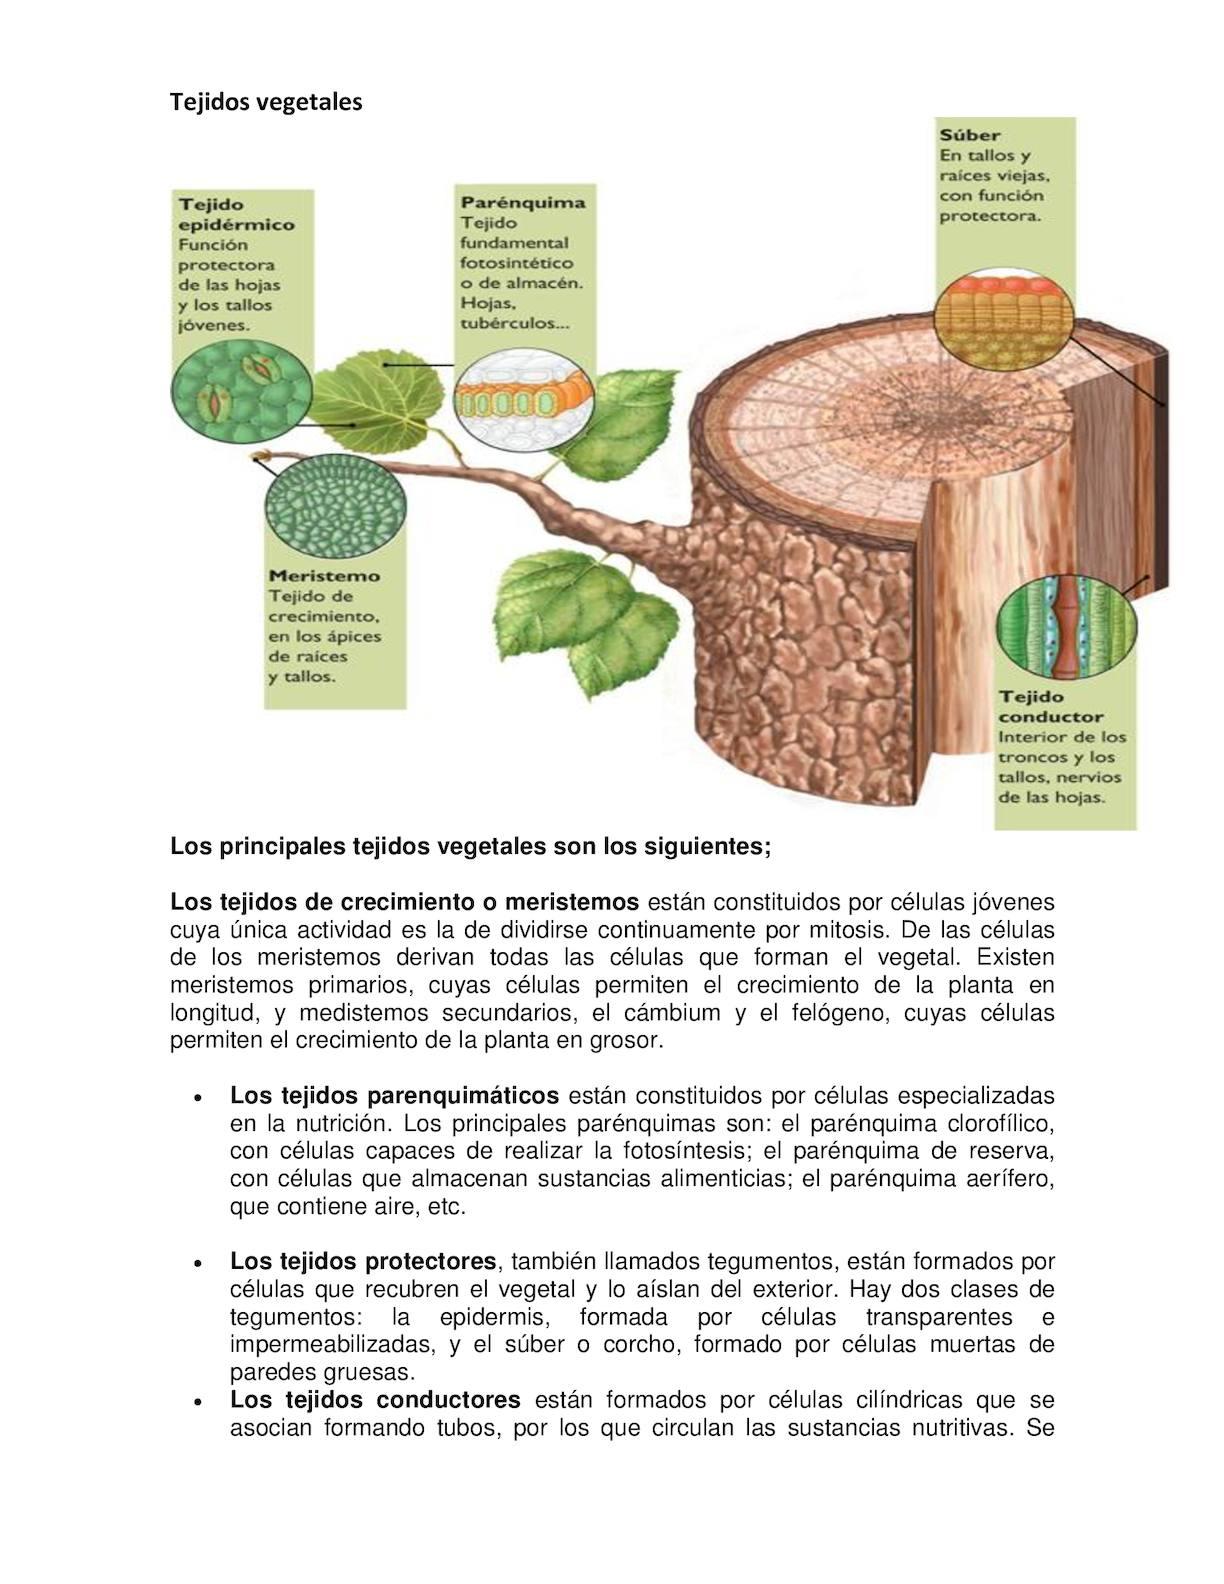 Calam o poster tejidos vegetales y tejidos animales for Como estan formados los suelos